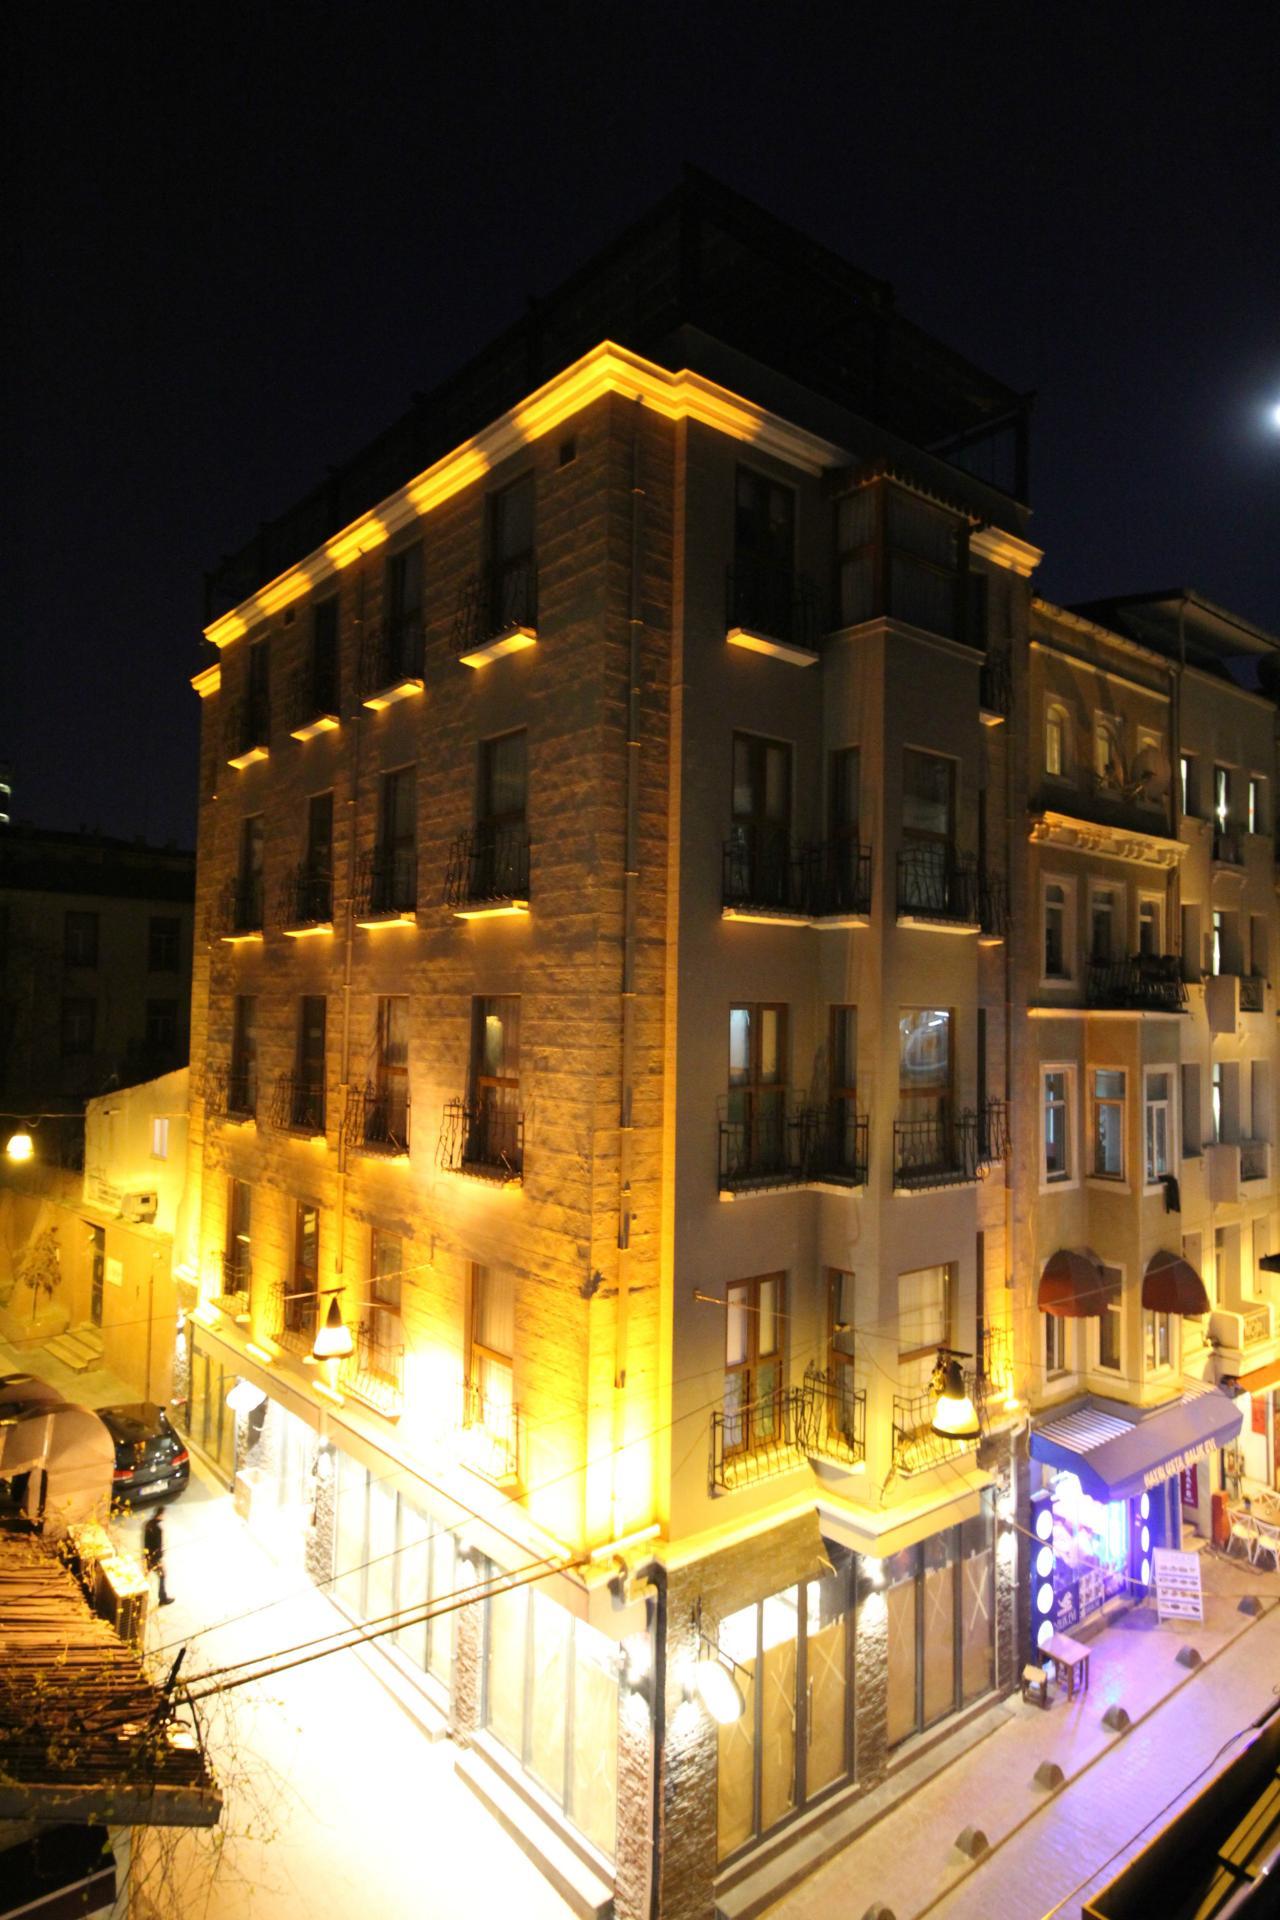 Az új Hagia Sophia repülőtértől kb. 44 km-re fekszik, Isztambul történelmi városközpontjában, a Taksim negyedben. A 125 éves épület első tulajdonosa Naum pasa volt, aki Isztambul második legnagyobb színházának alapítója.